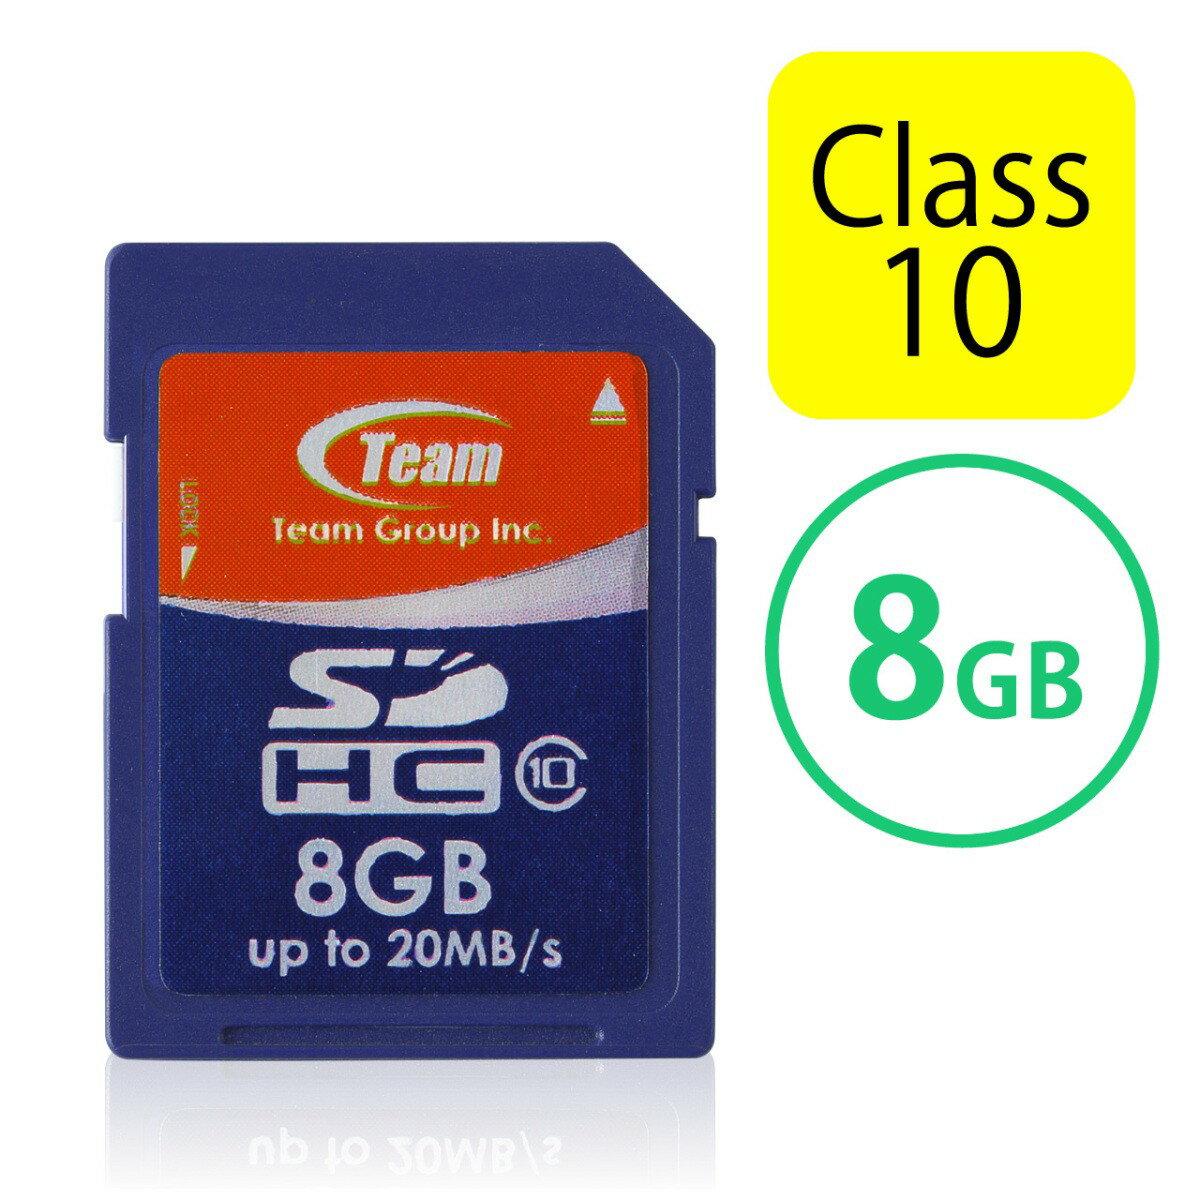 【12月13日値下げしました】SDカード 8GB Class10 SDHCカード メモリーカード クラス10 入学 卒業[600-HT8G10]【サンワダイレクト限定品】【ネコポス対応】【楽天BOX受取対象商品】